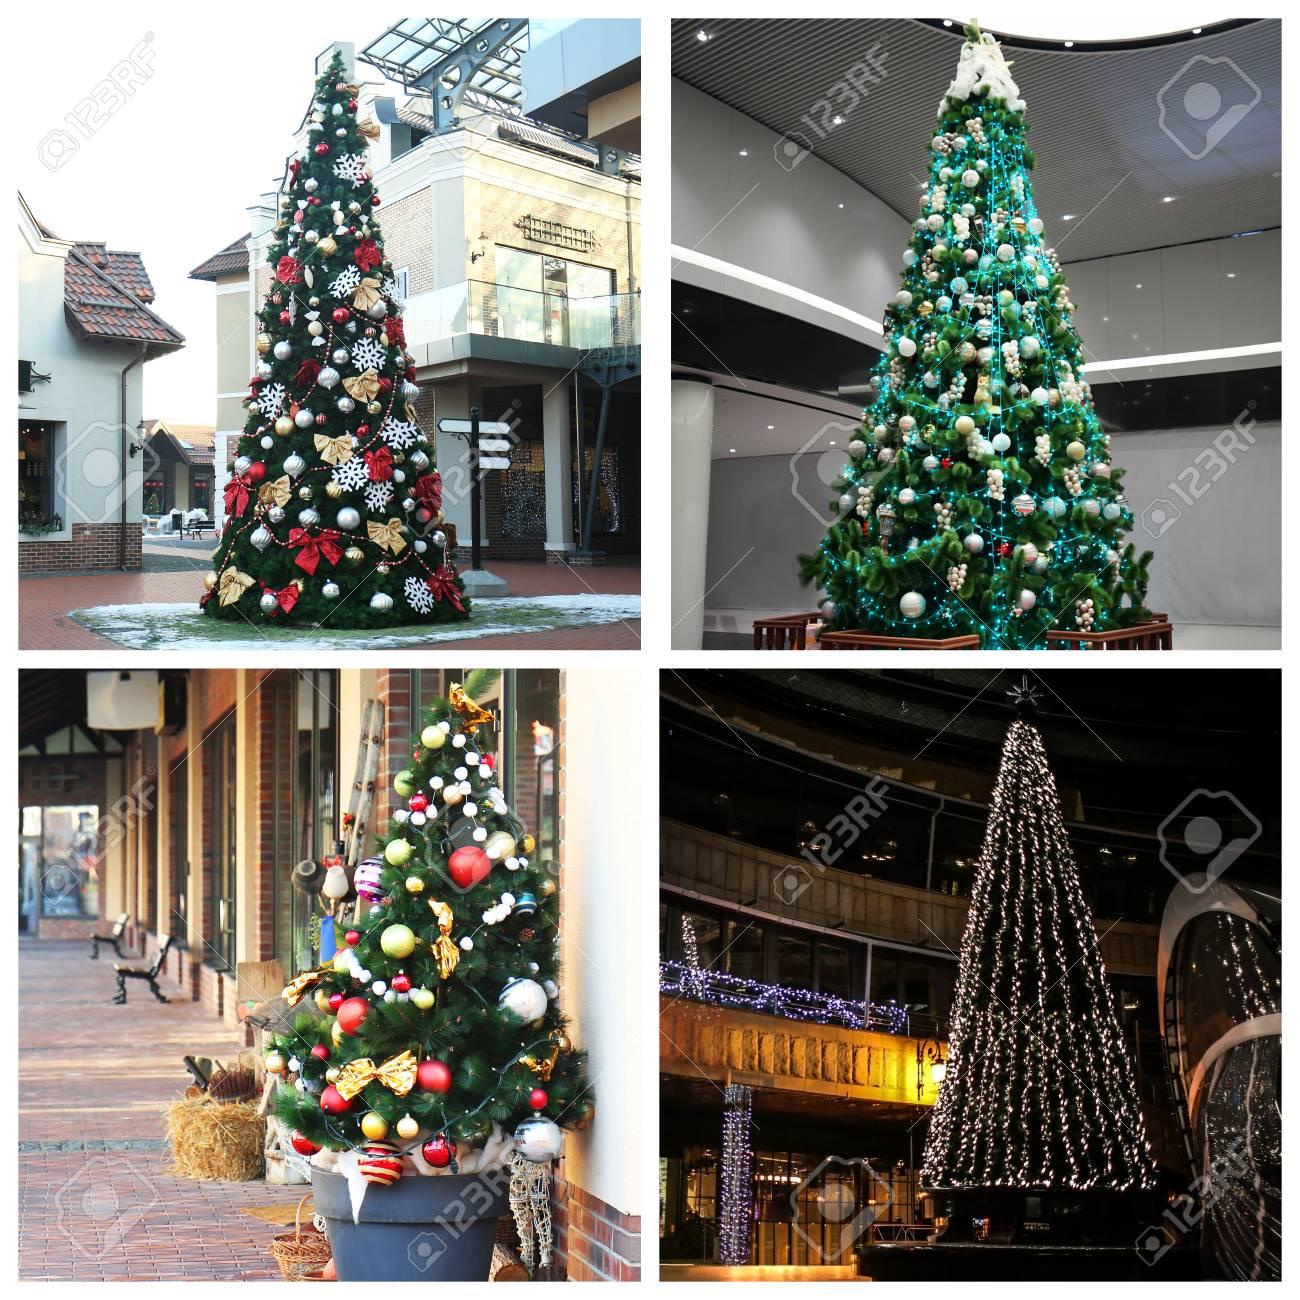 Alberi Di Natale Bellissimi.Collage Di Bellissimi Alberi Di Natale Idee Alla Moda Per Decorazioni Festive 00